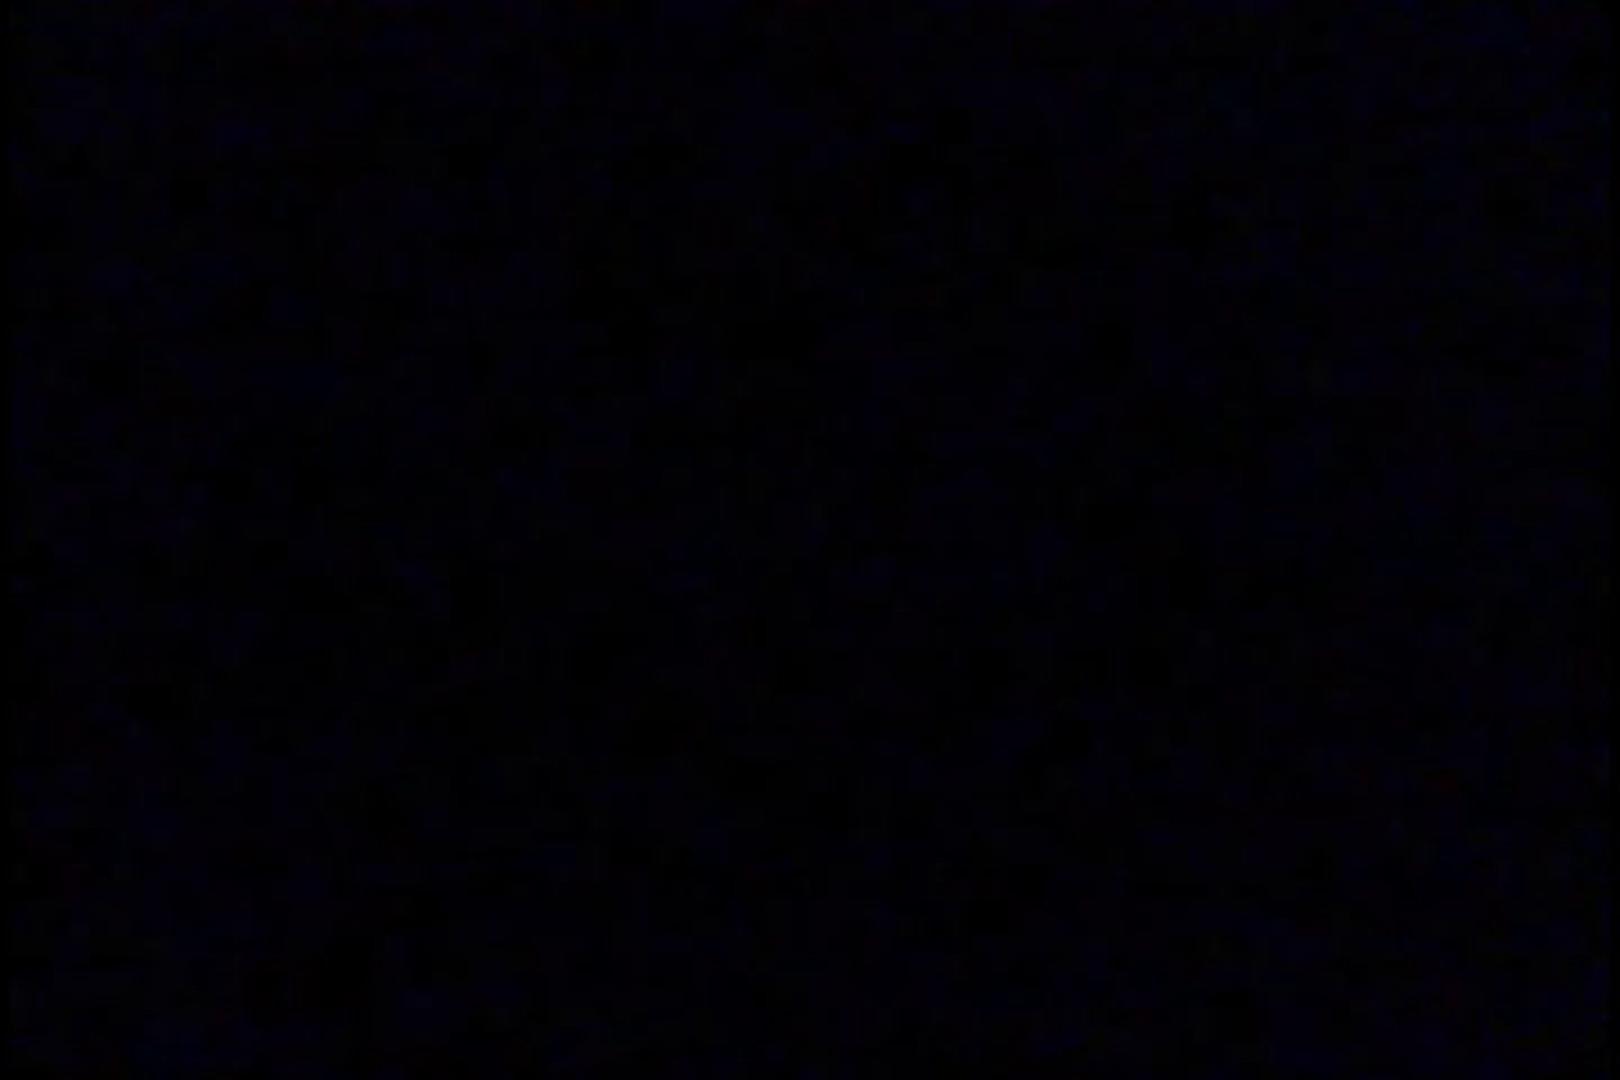 画質向上!新亀さん厠 vol.55 潜入 スケベ動画紹介 98PIX 47